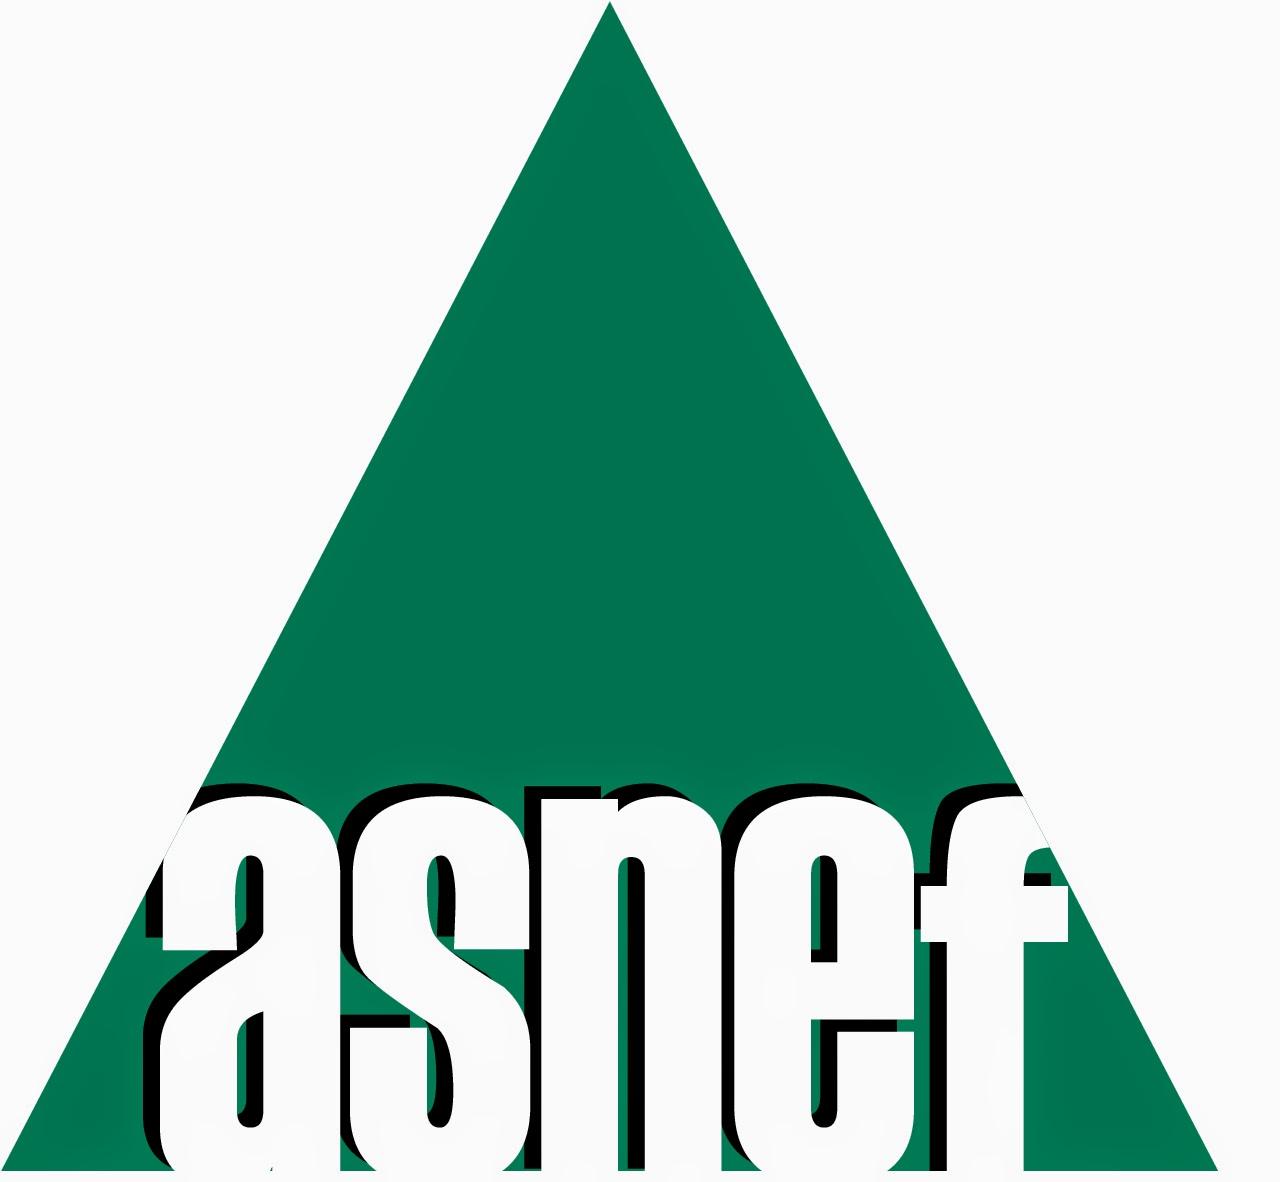 Logo ASNEF Triangulo